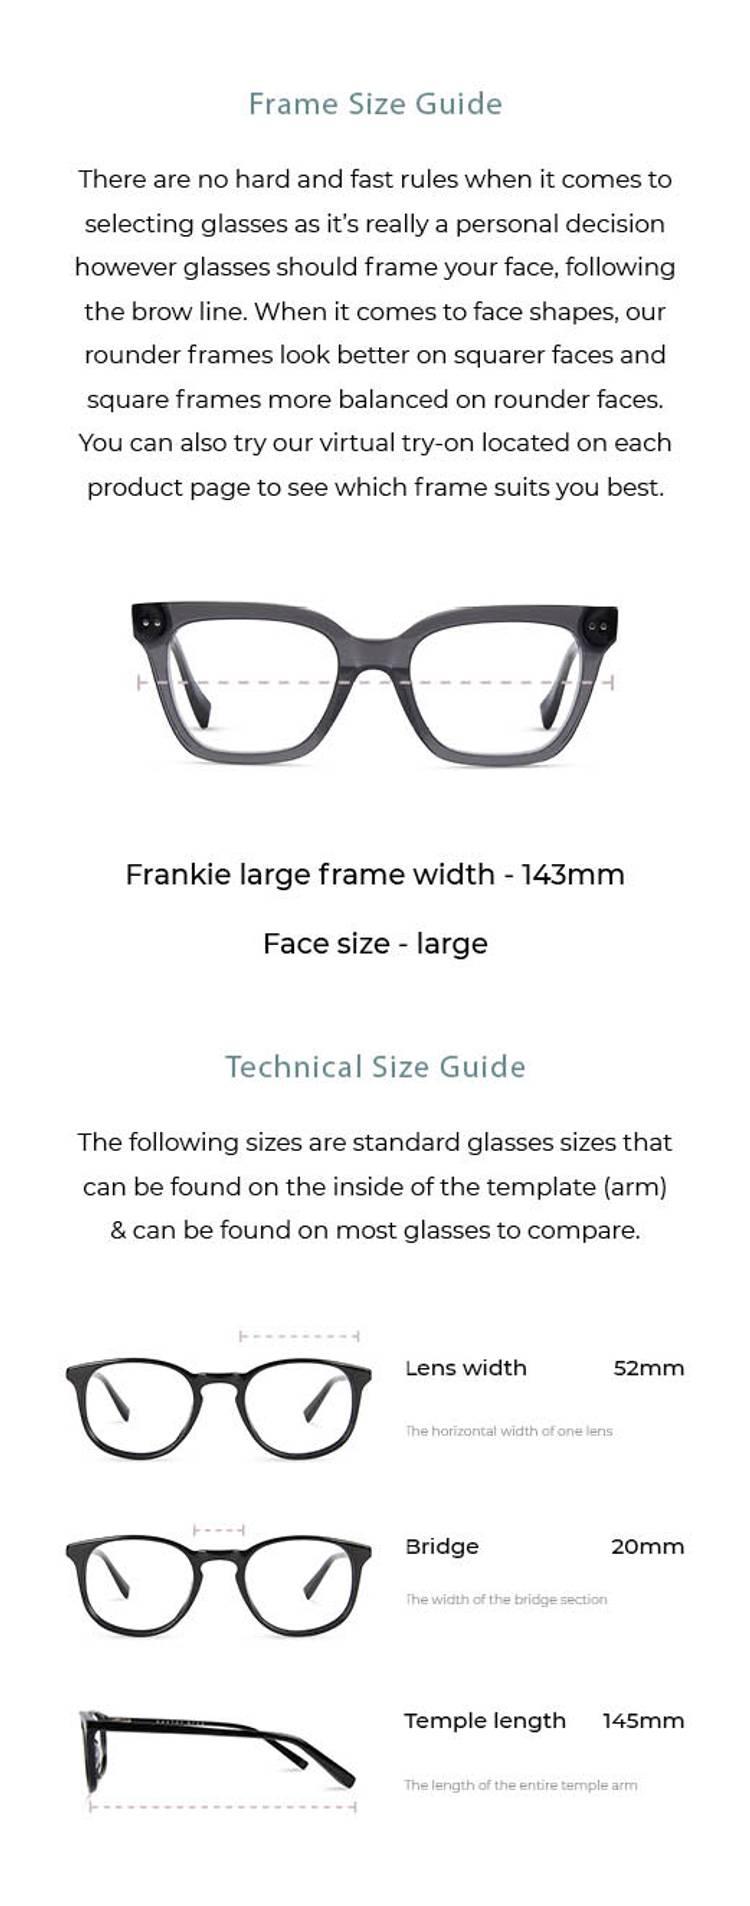 Frankie / Large - Crystal Toffee